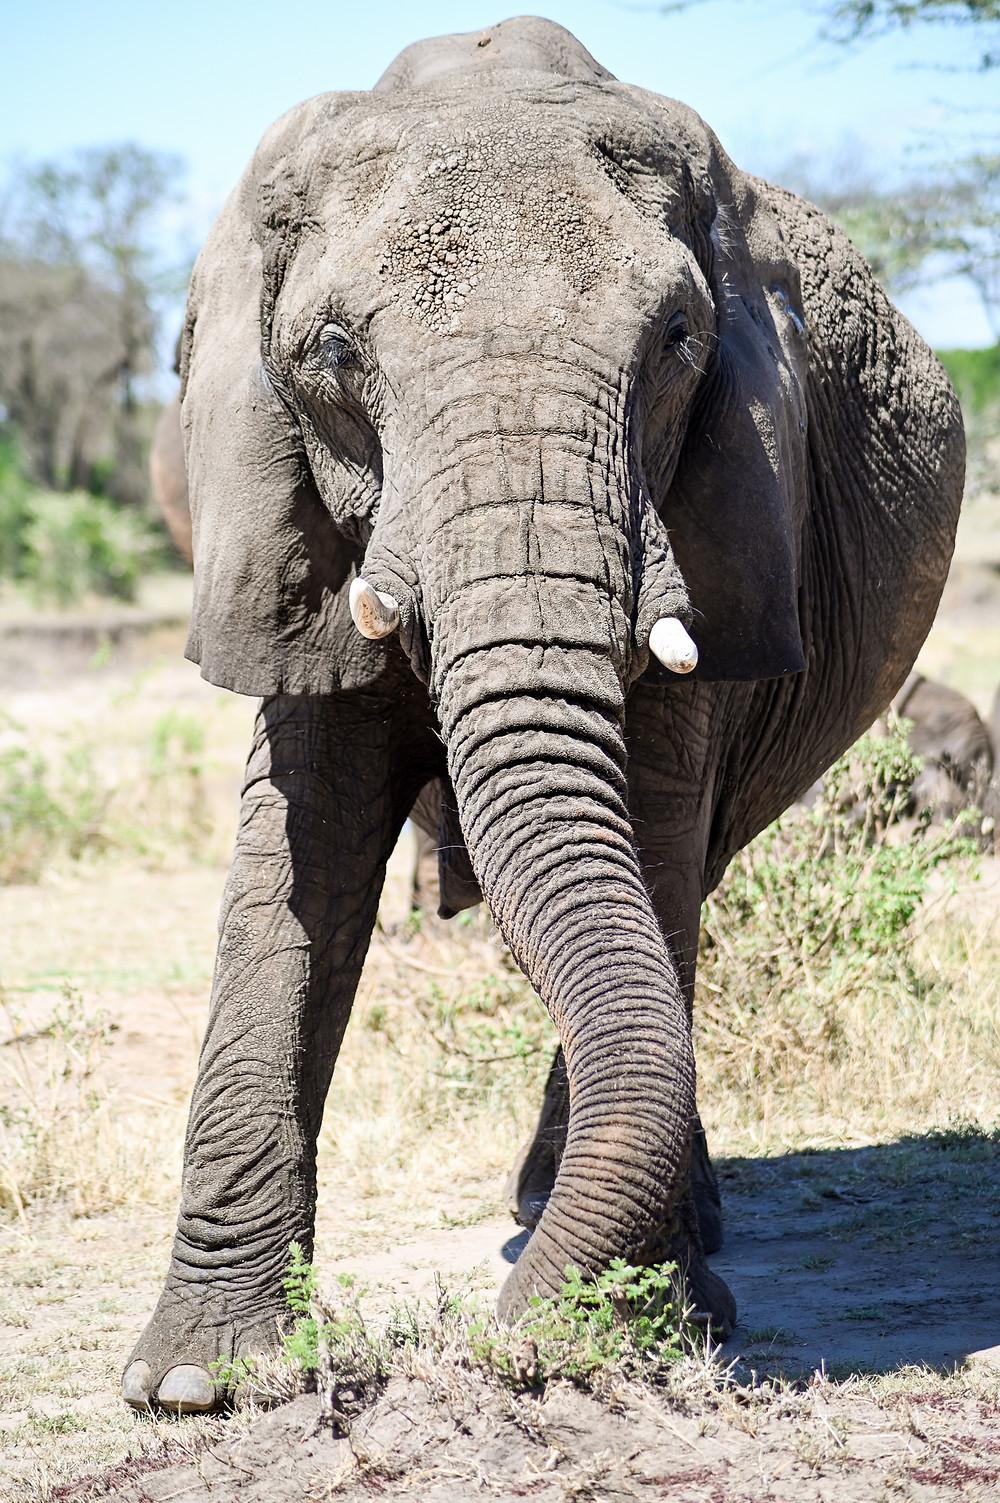 Elephant in Tarangire National Park | Trac.City